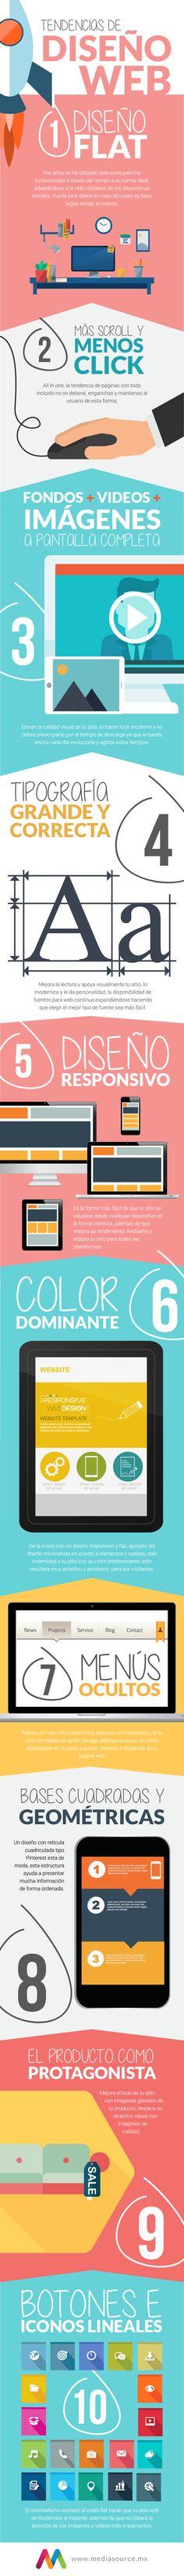 Tendencias en Diseño web #infografía